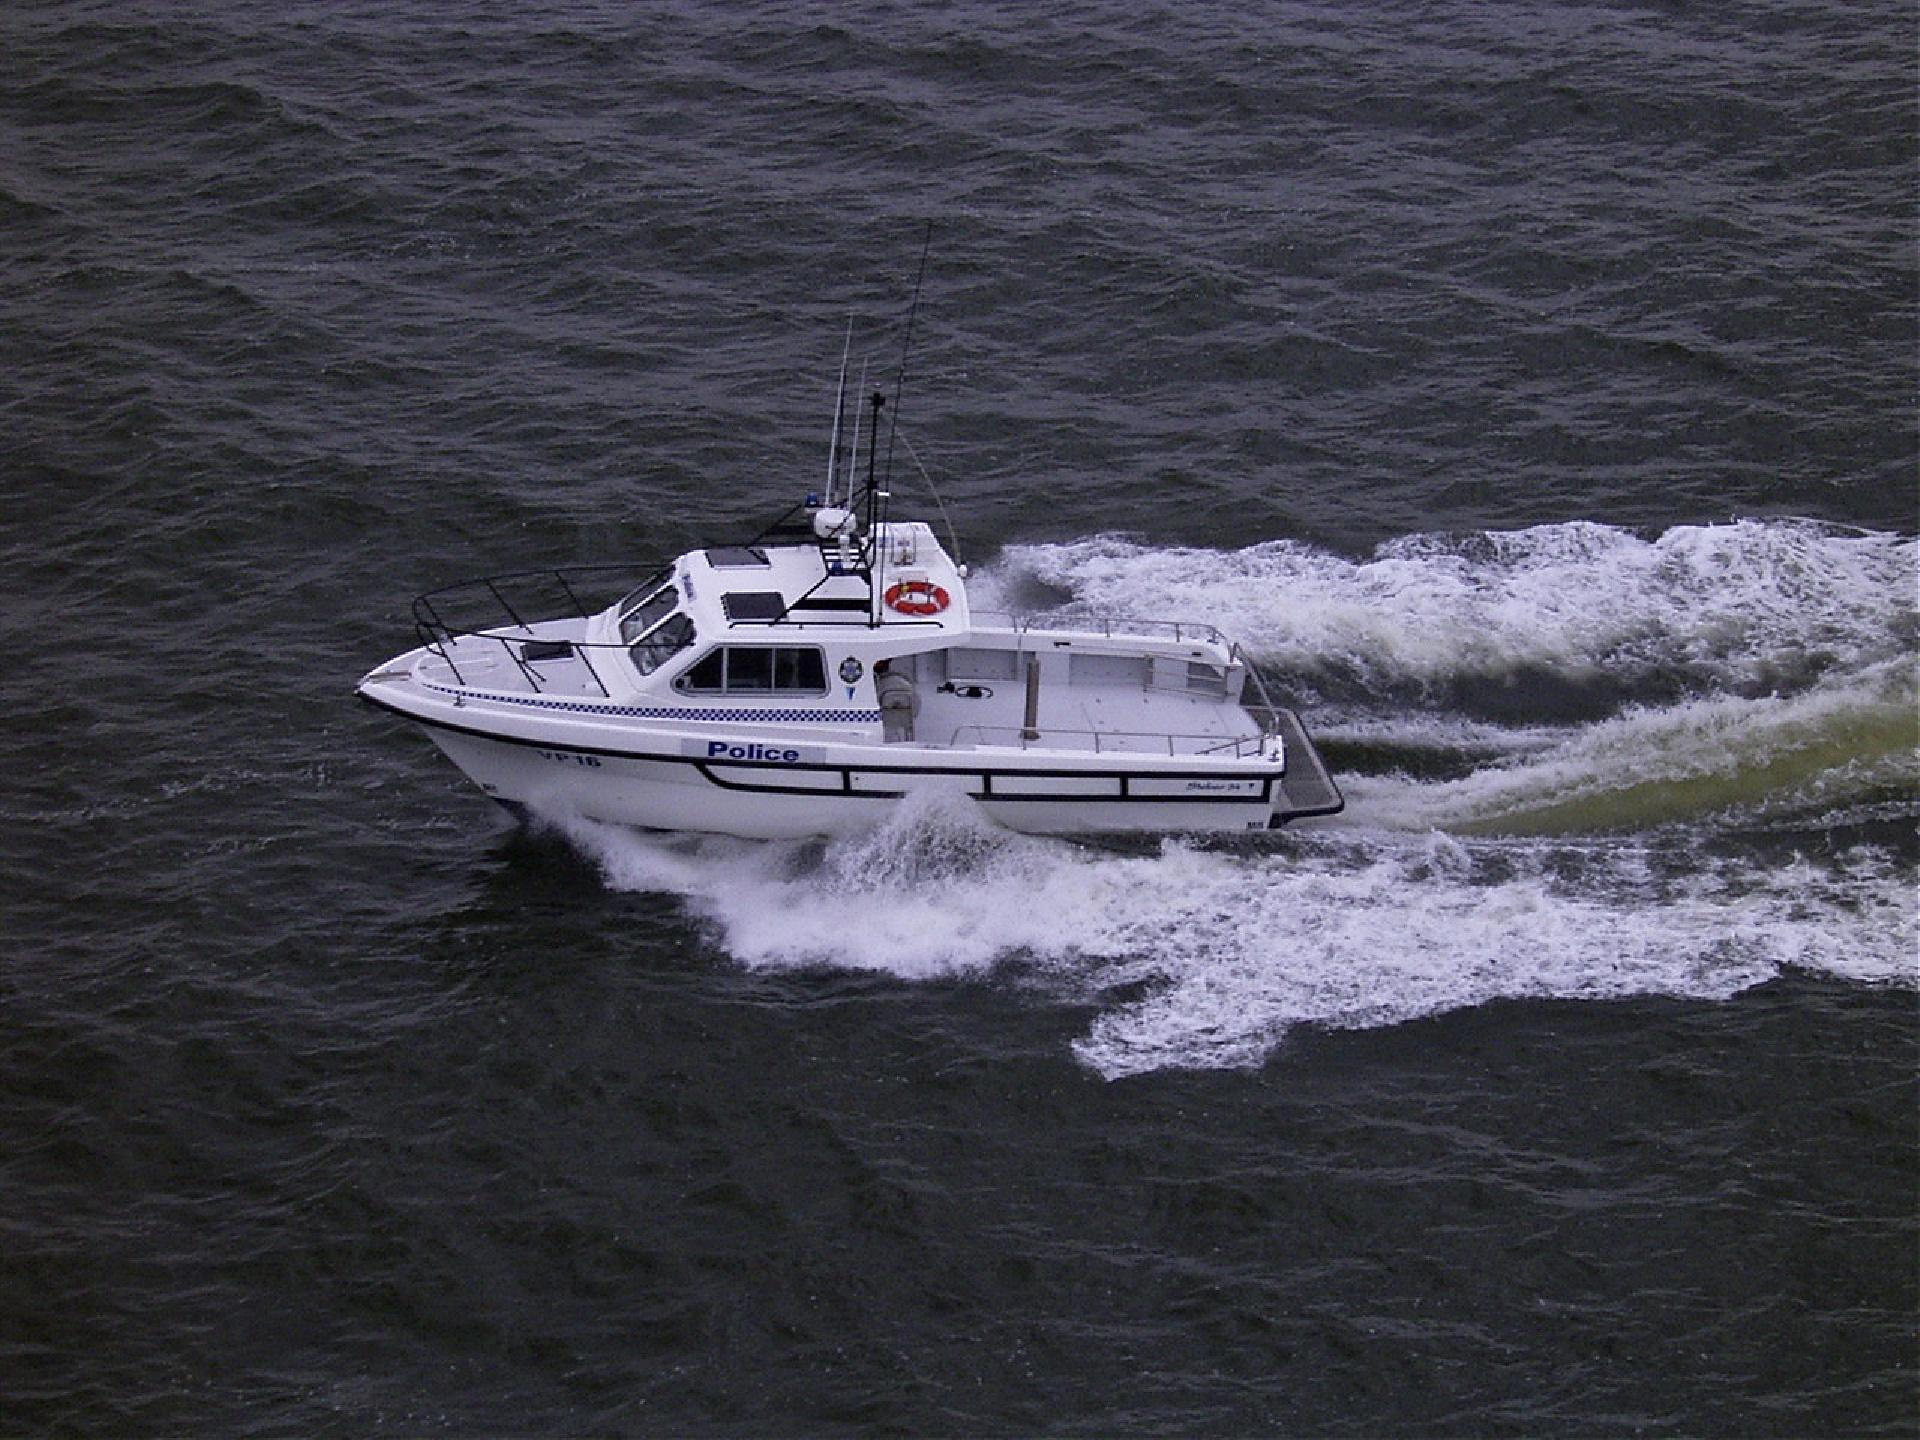 Steber 34ft Police Vessel